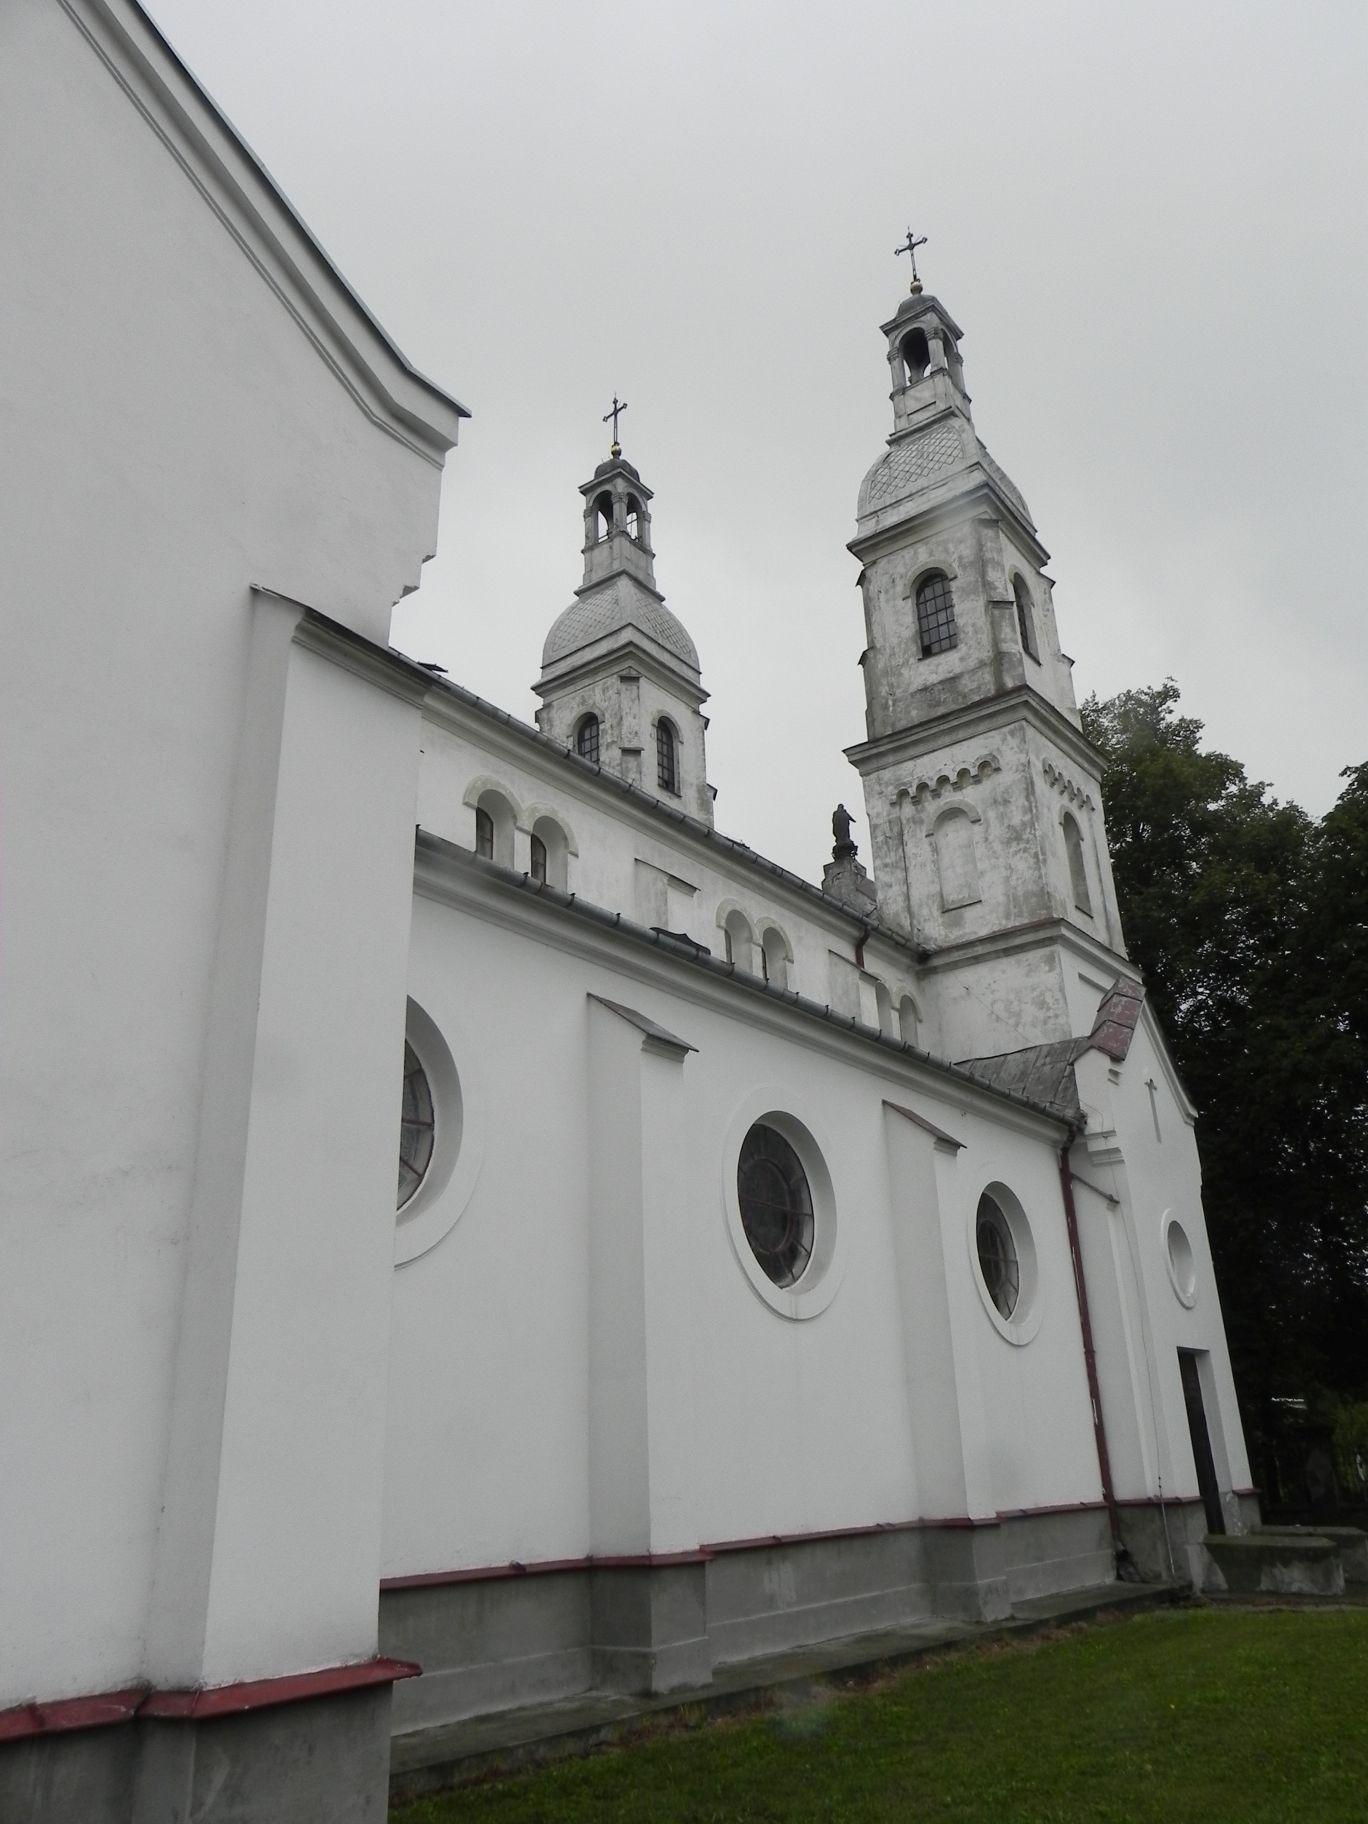 2012-08-16 Sadkowice - dożynki (8)